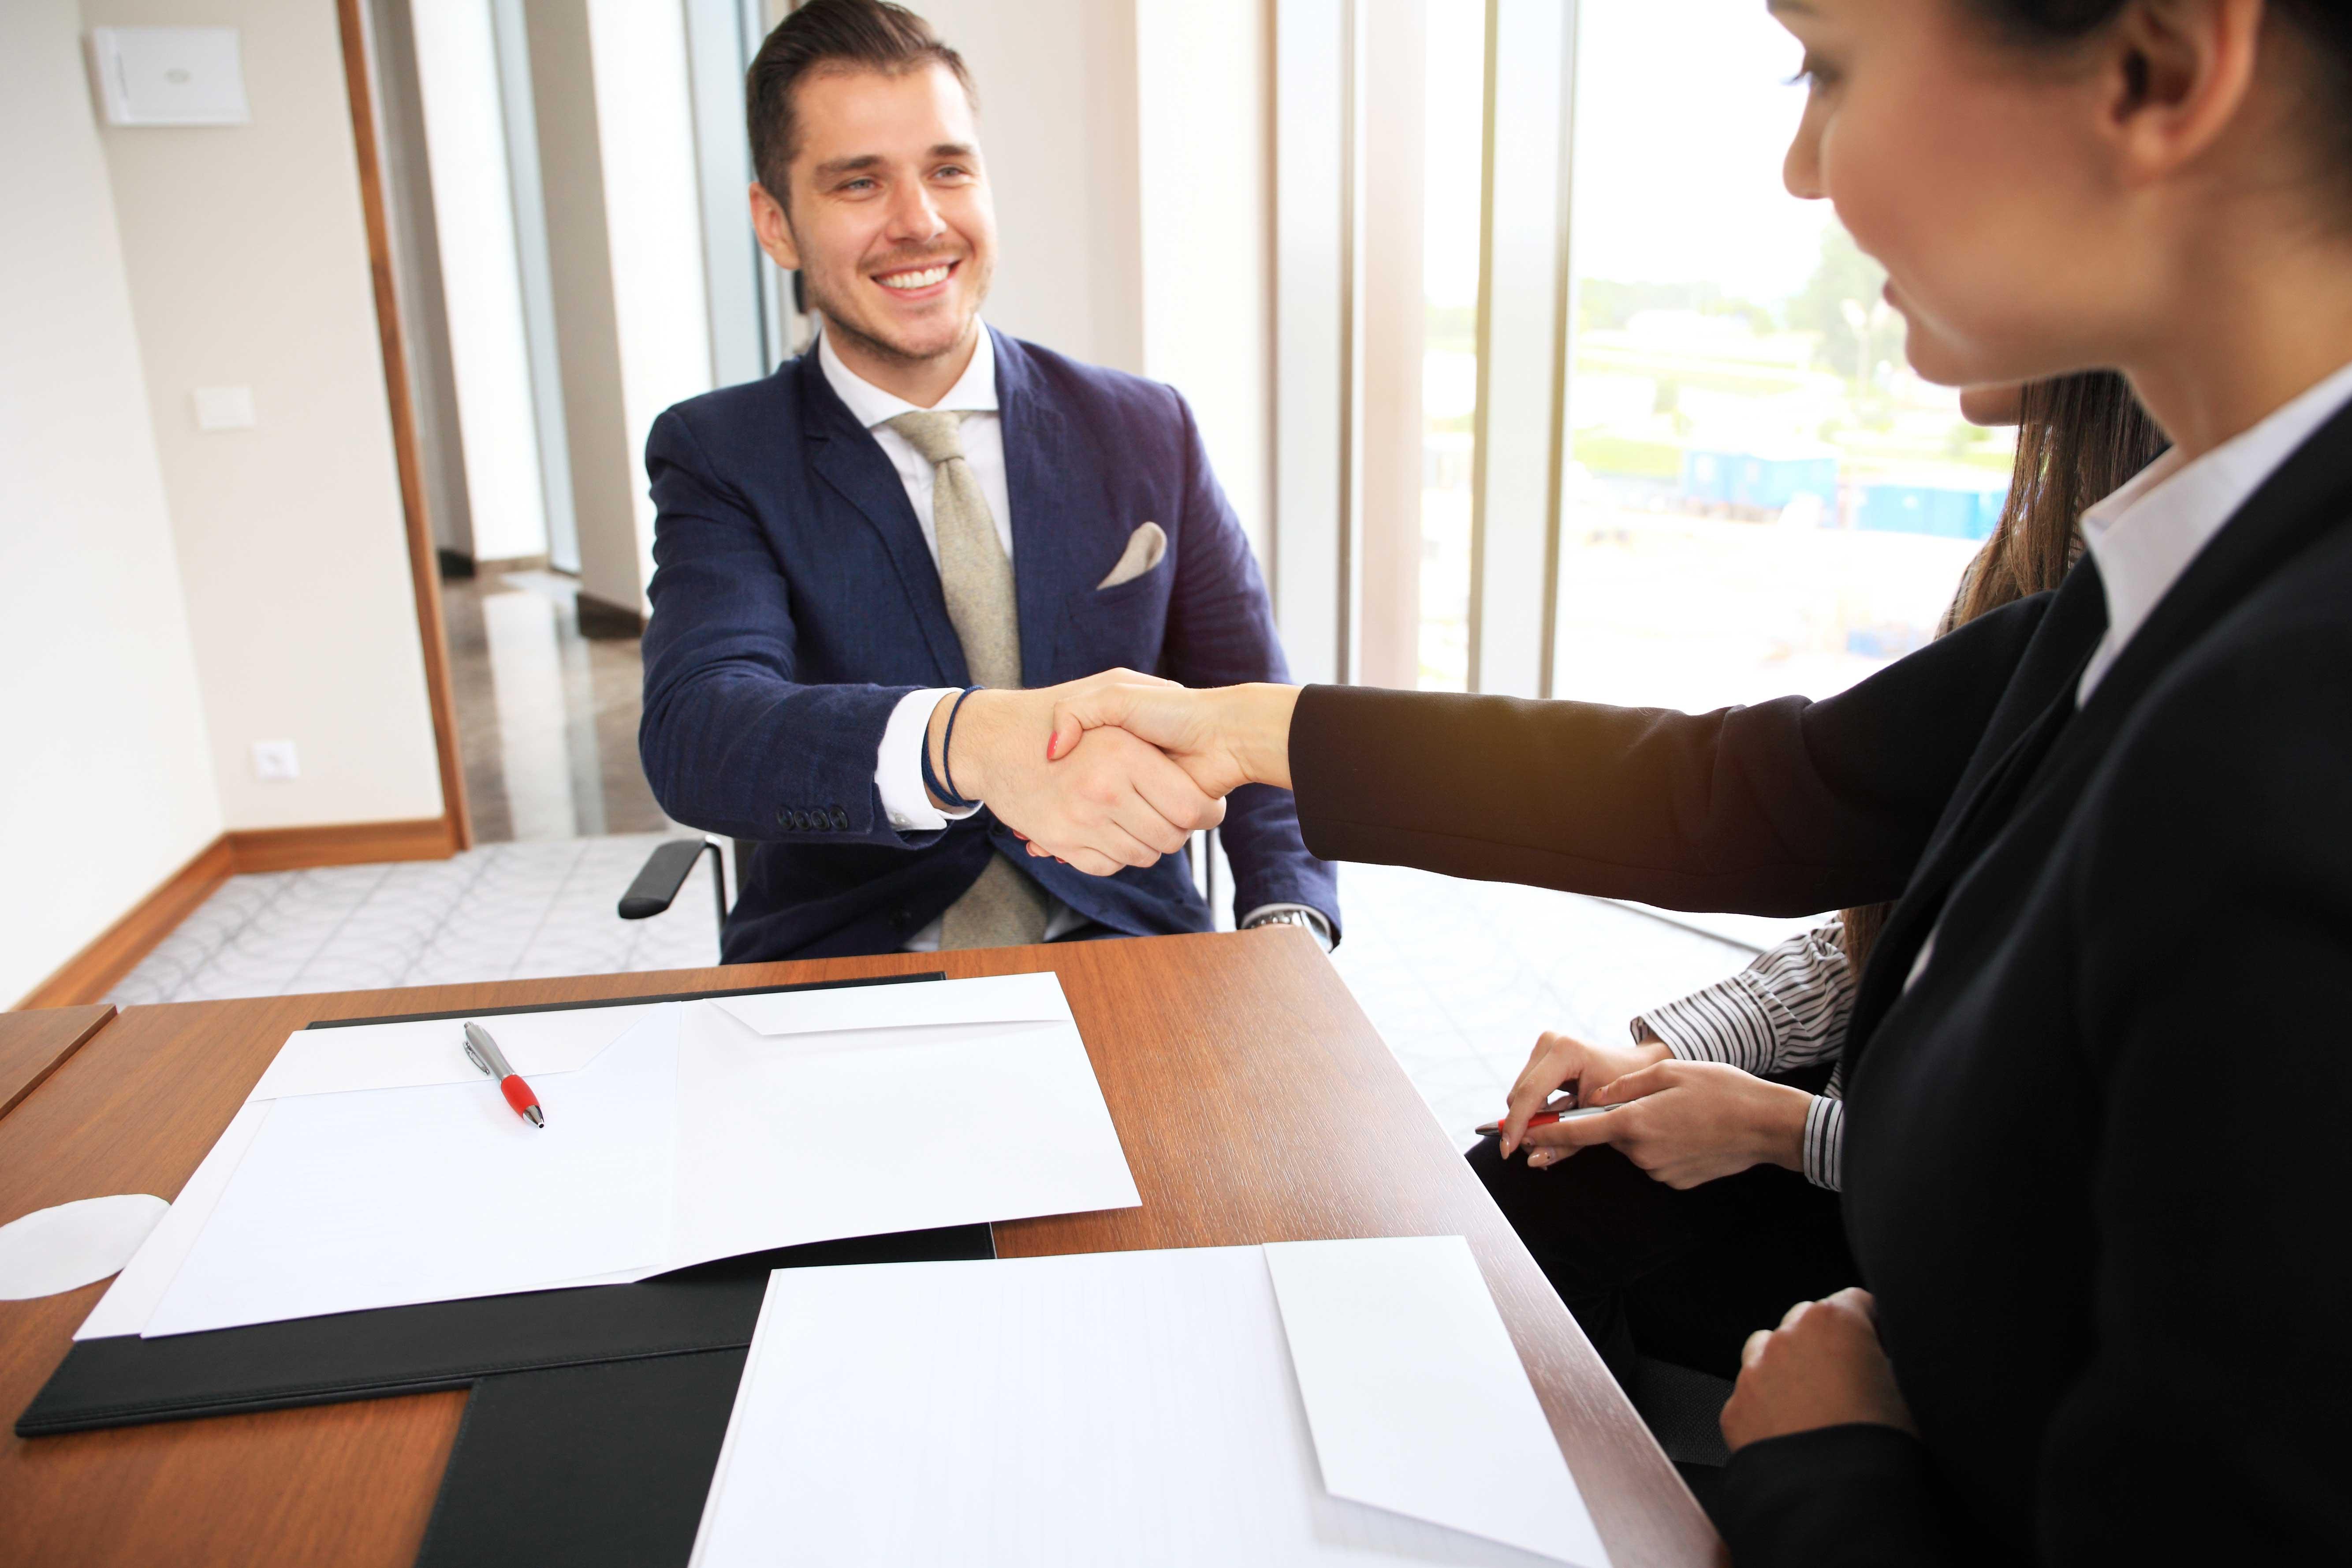 L'importanza delle Risorse Umane nelle aziende - Blog ...